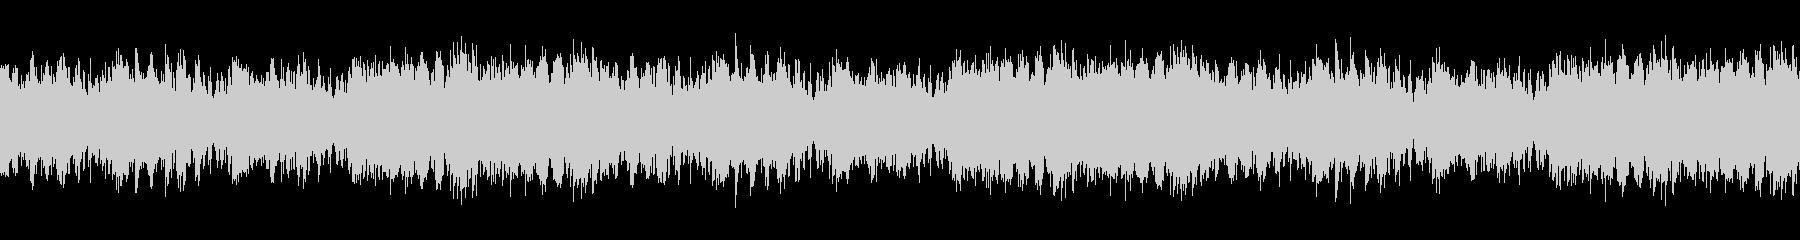 ファンター・ピアノソロ・シンプルループの未再生の波形